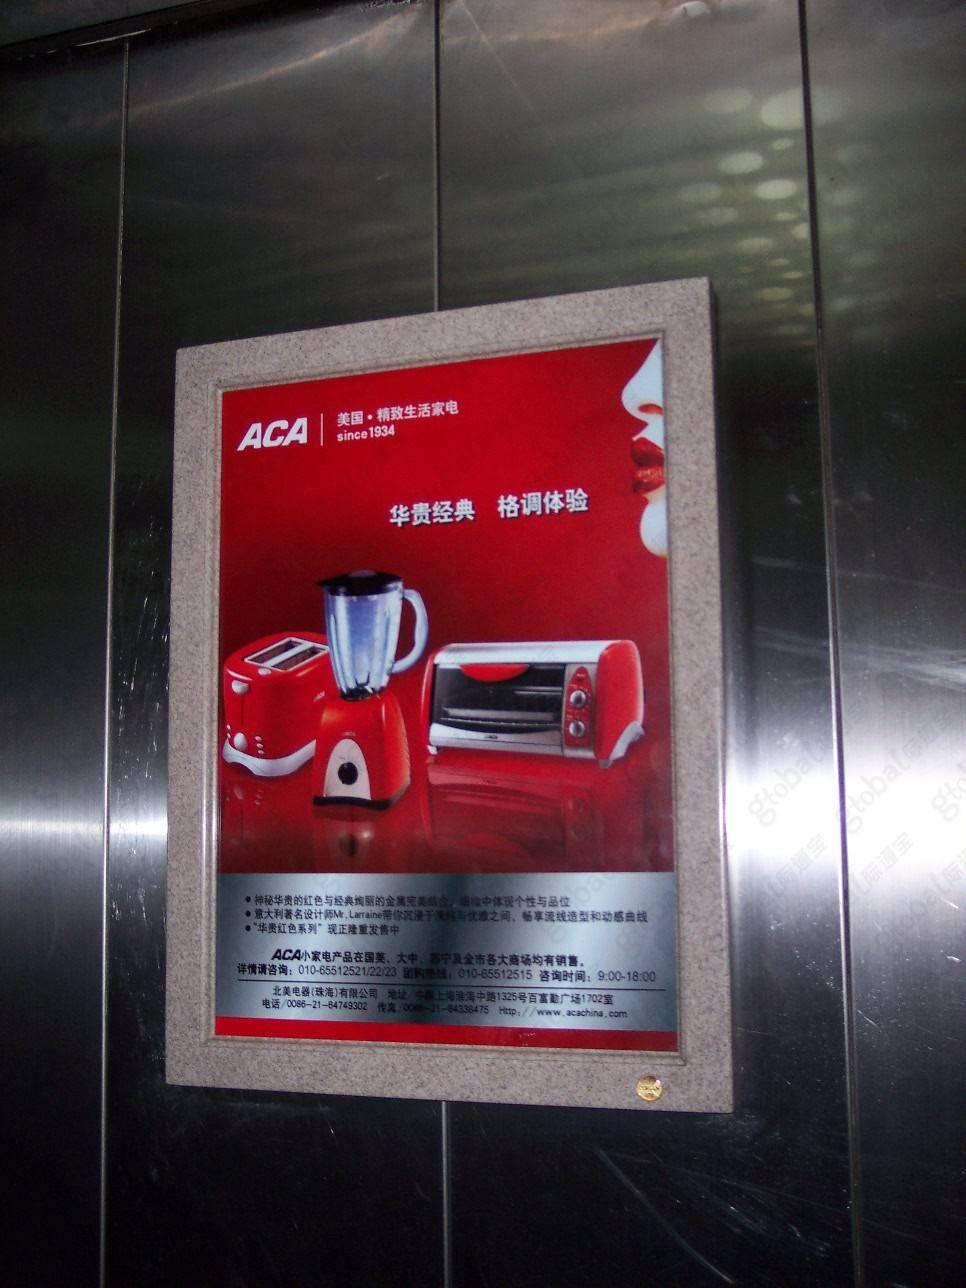 毕节电梯广告公司广告牌框架3.0投放(100框起投)